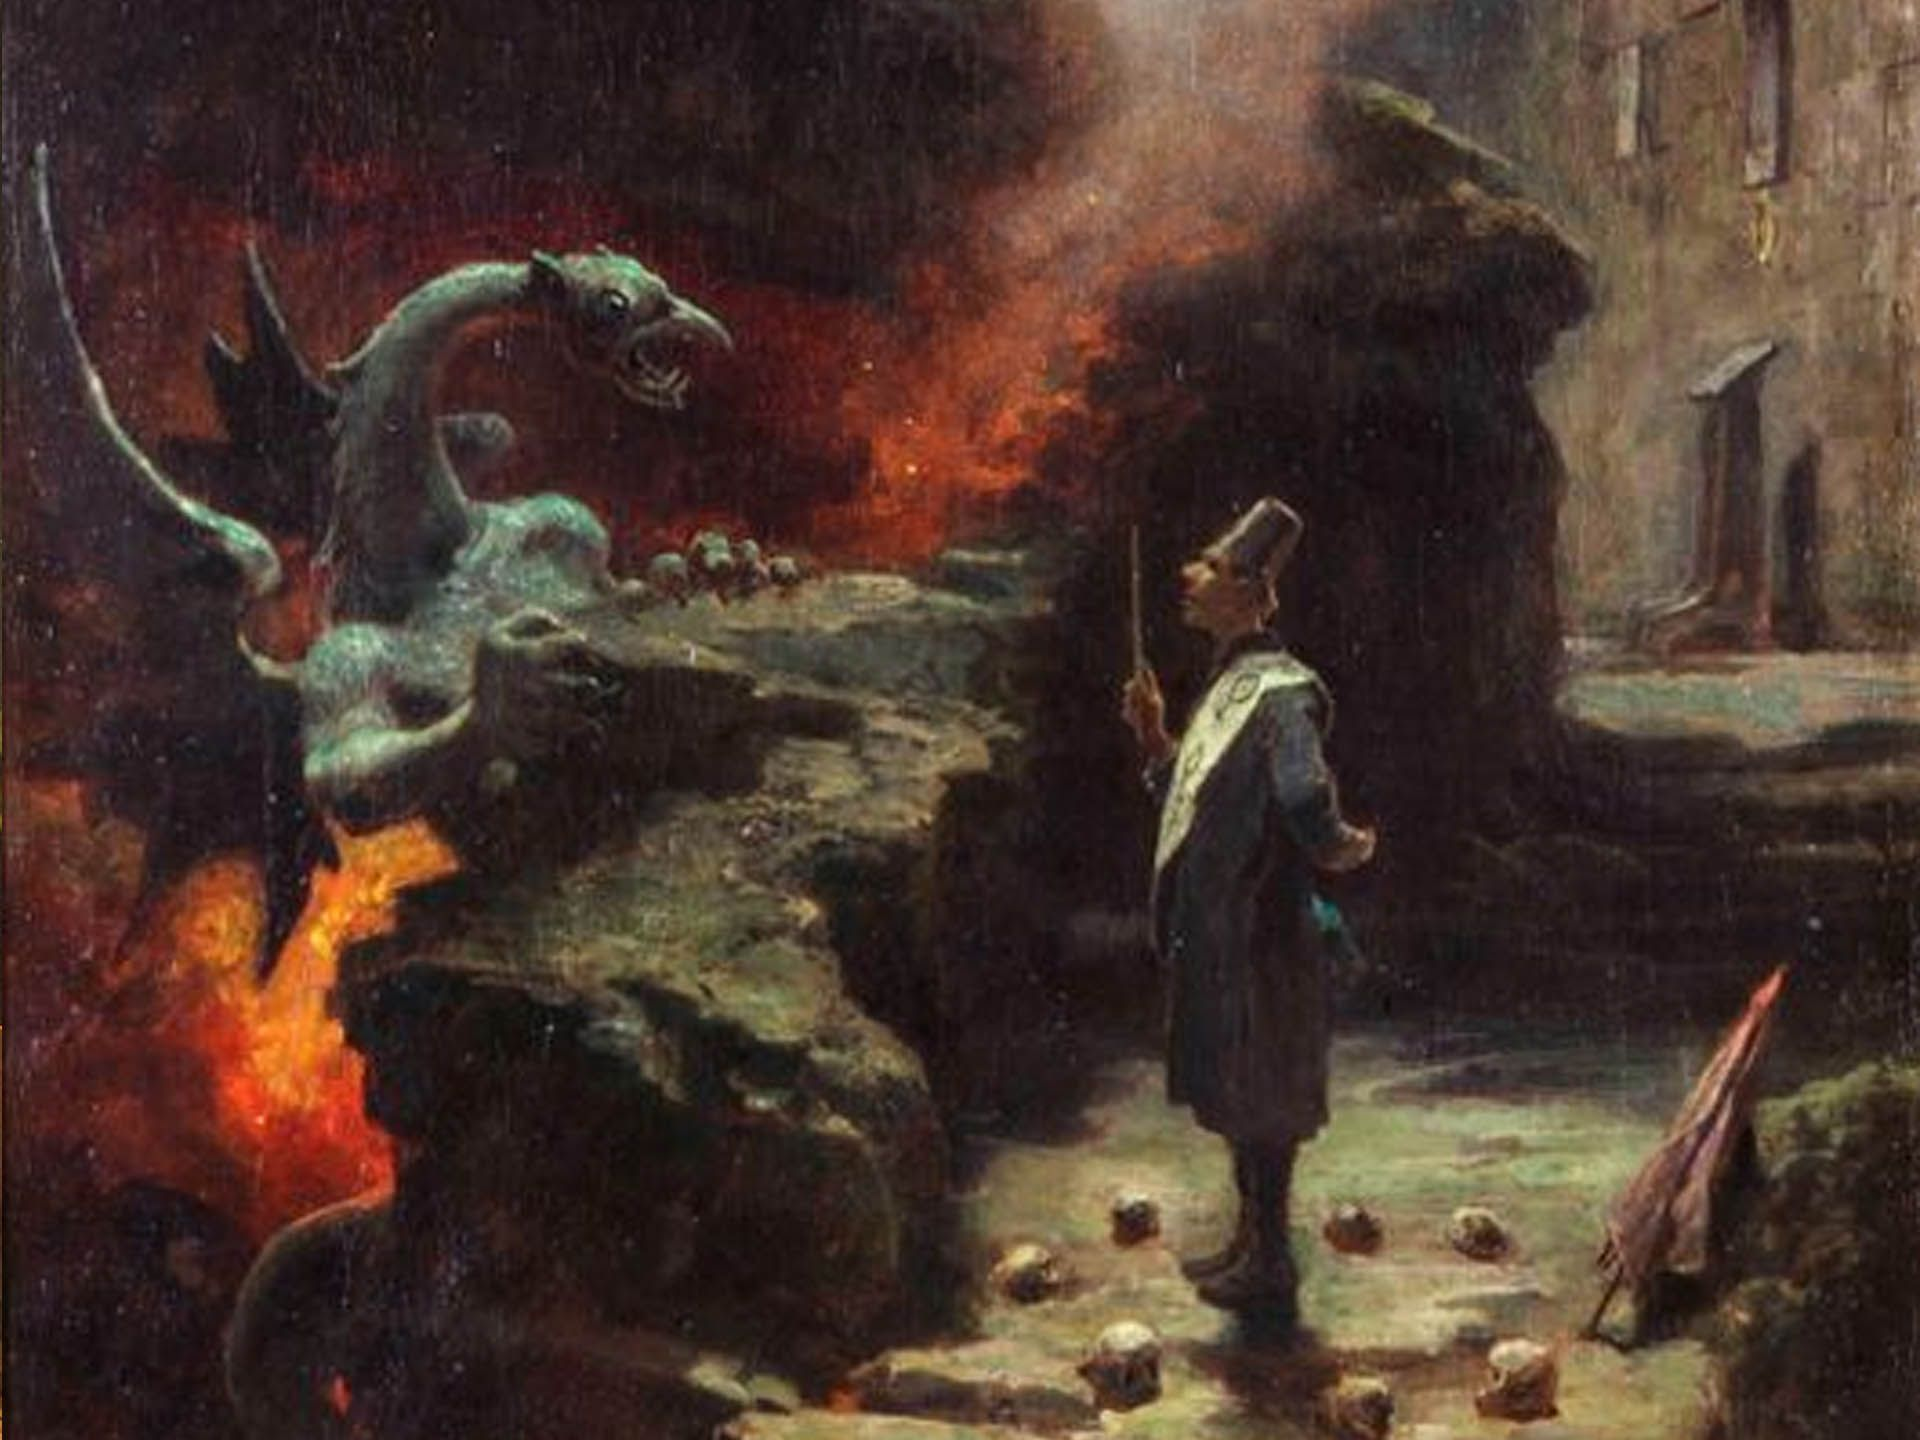 Oetker devolve pintura a herdeiros de judeu assassinado pelos nazistas